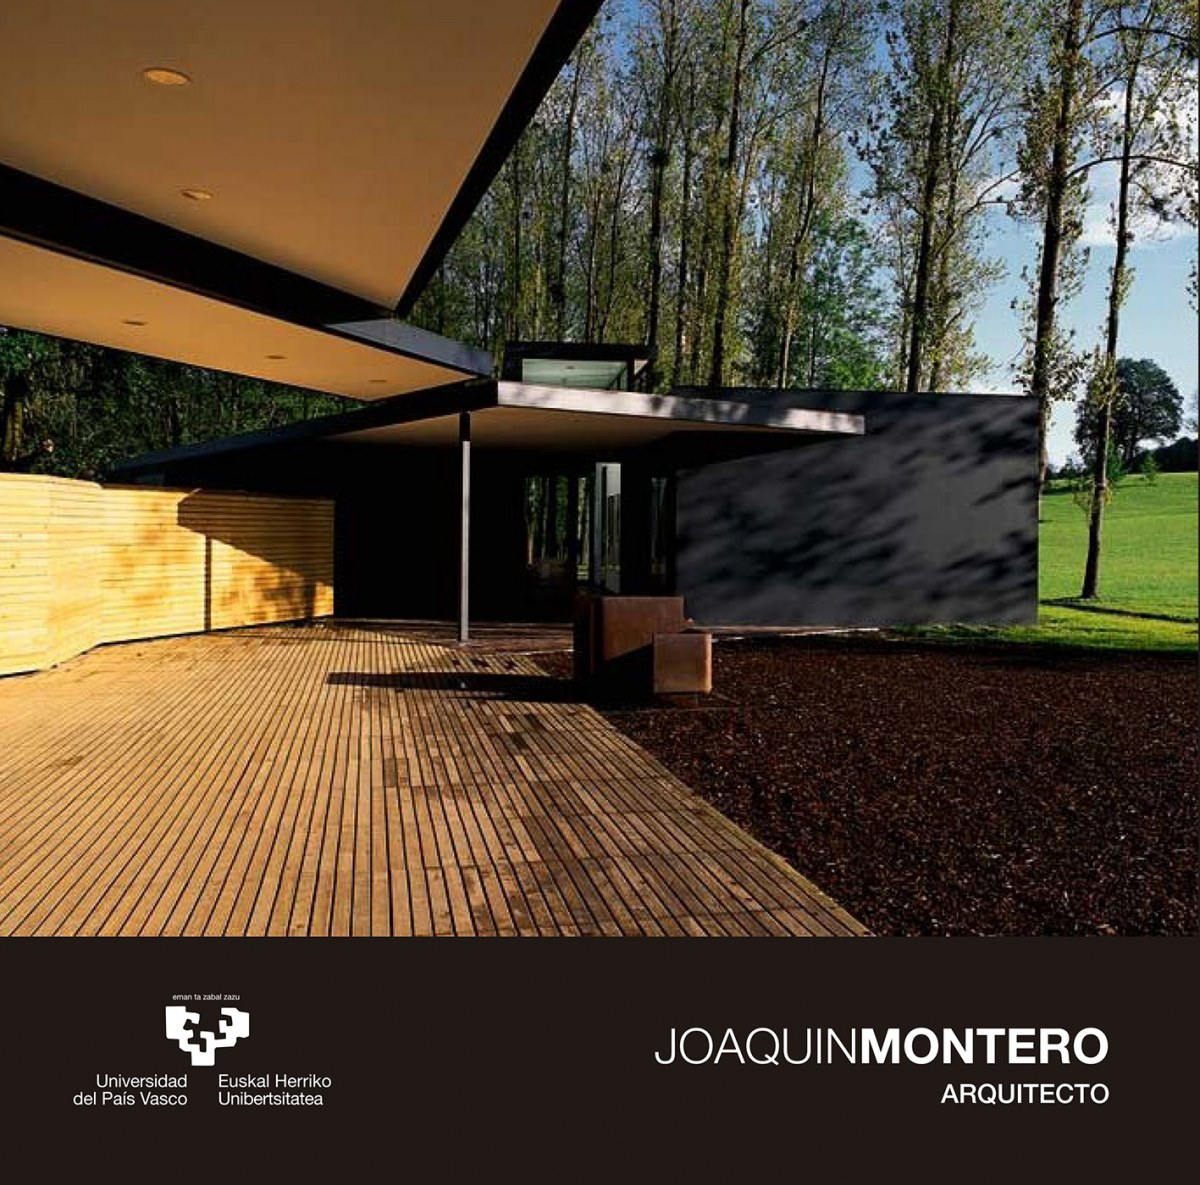 Joaquin montero arquitecto